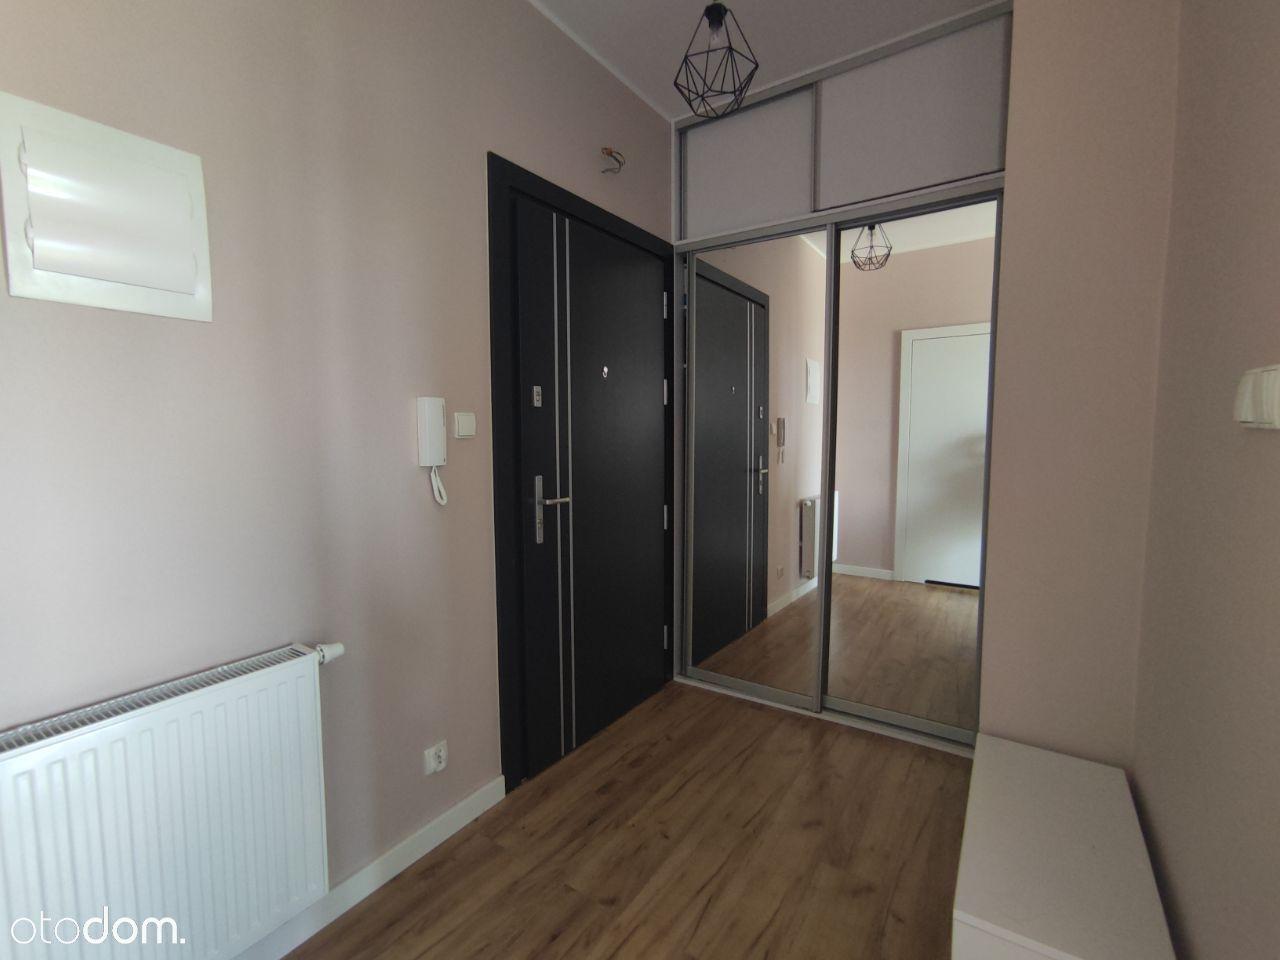 Mieszkanie dwupokojowe 32m2, Opole